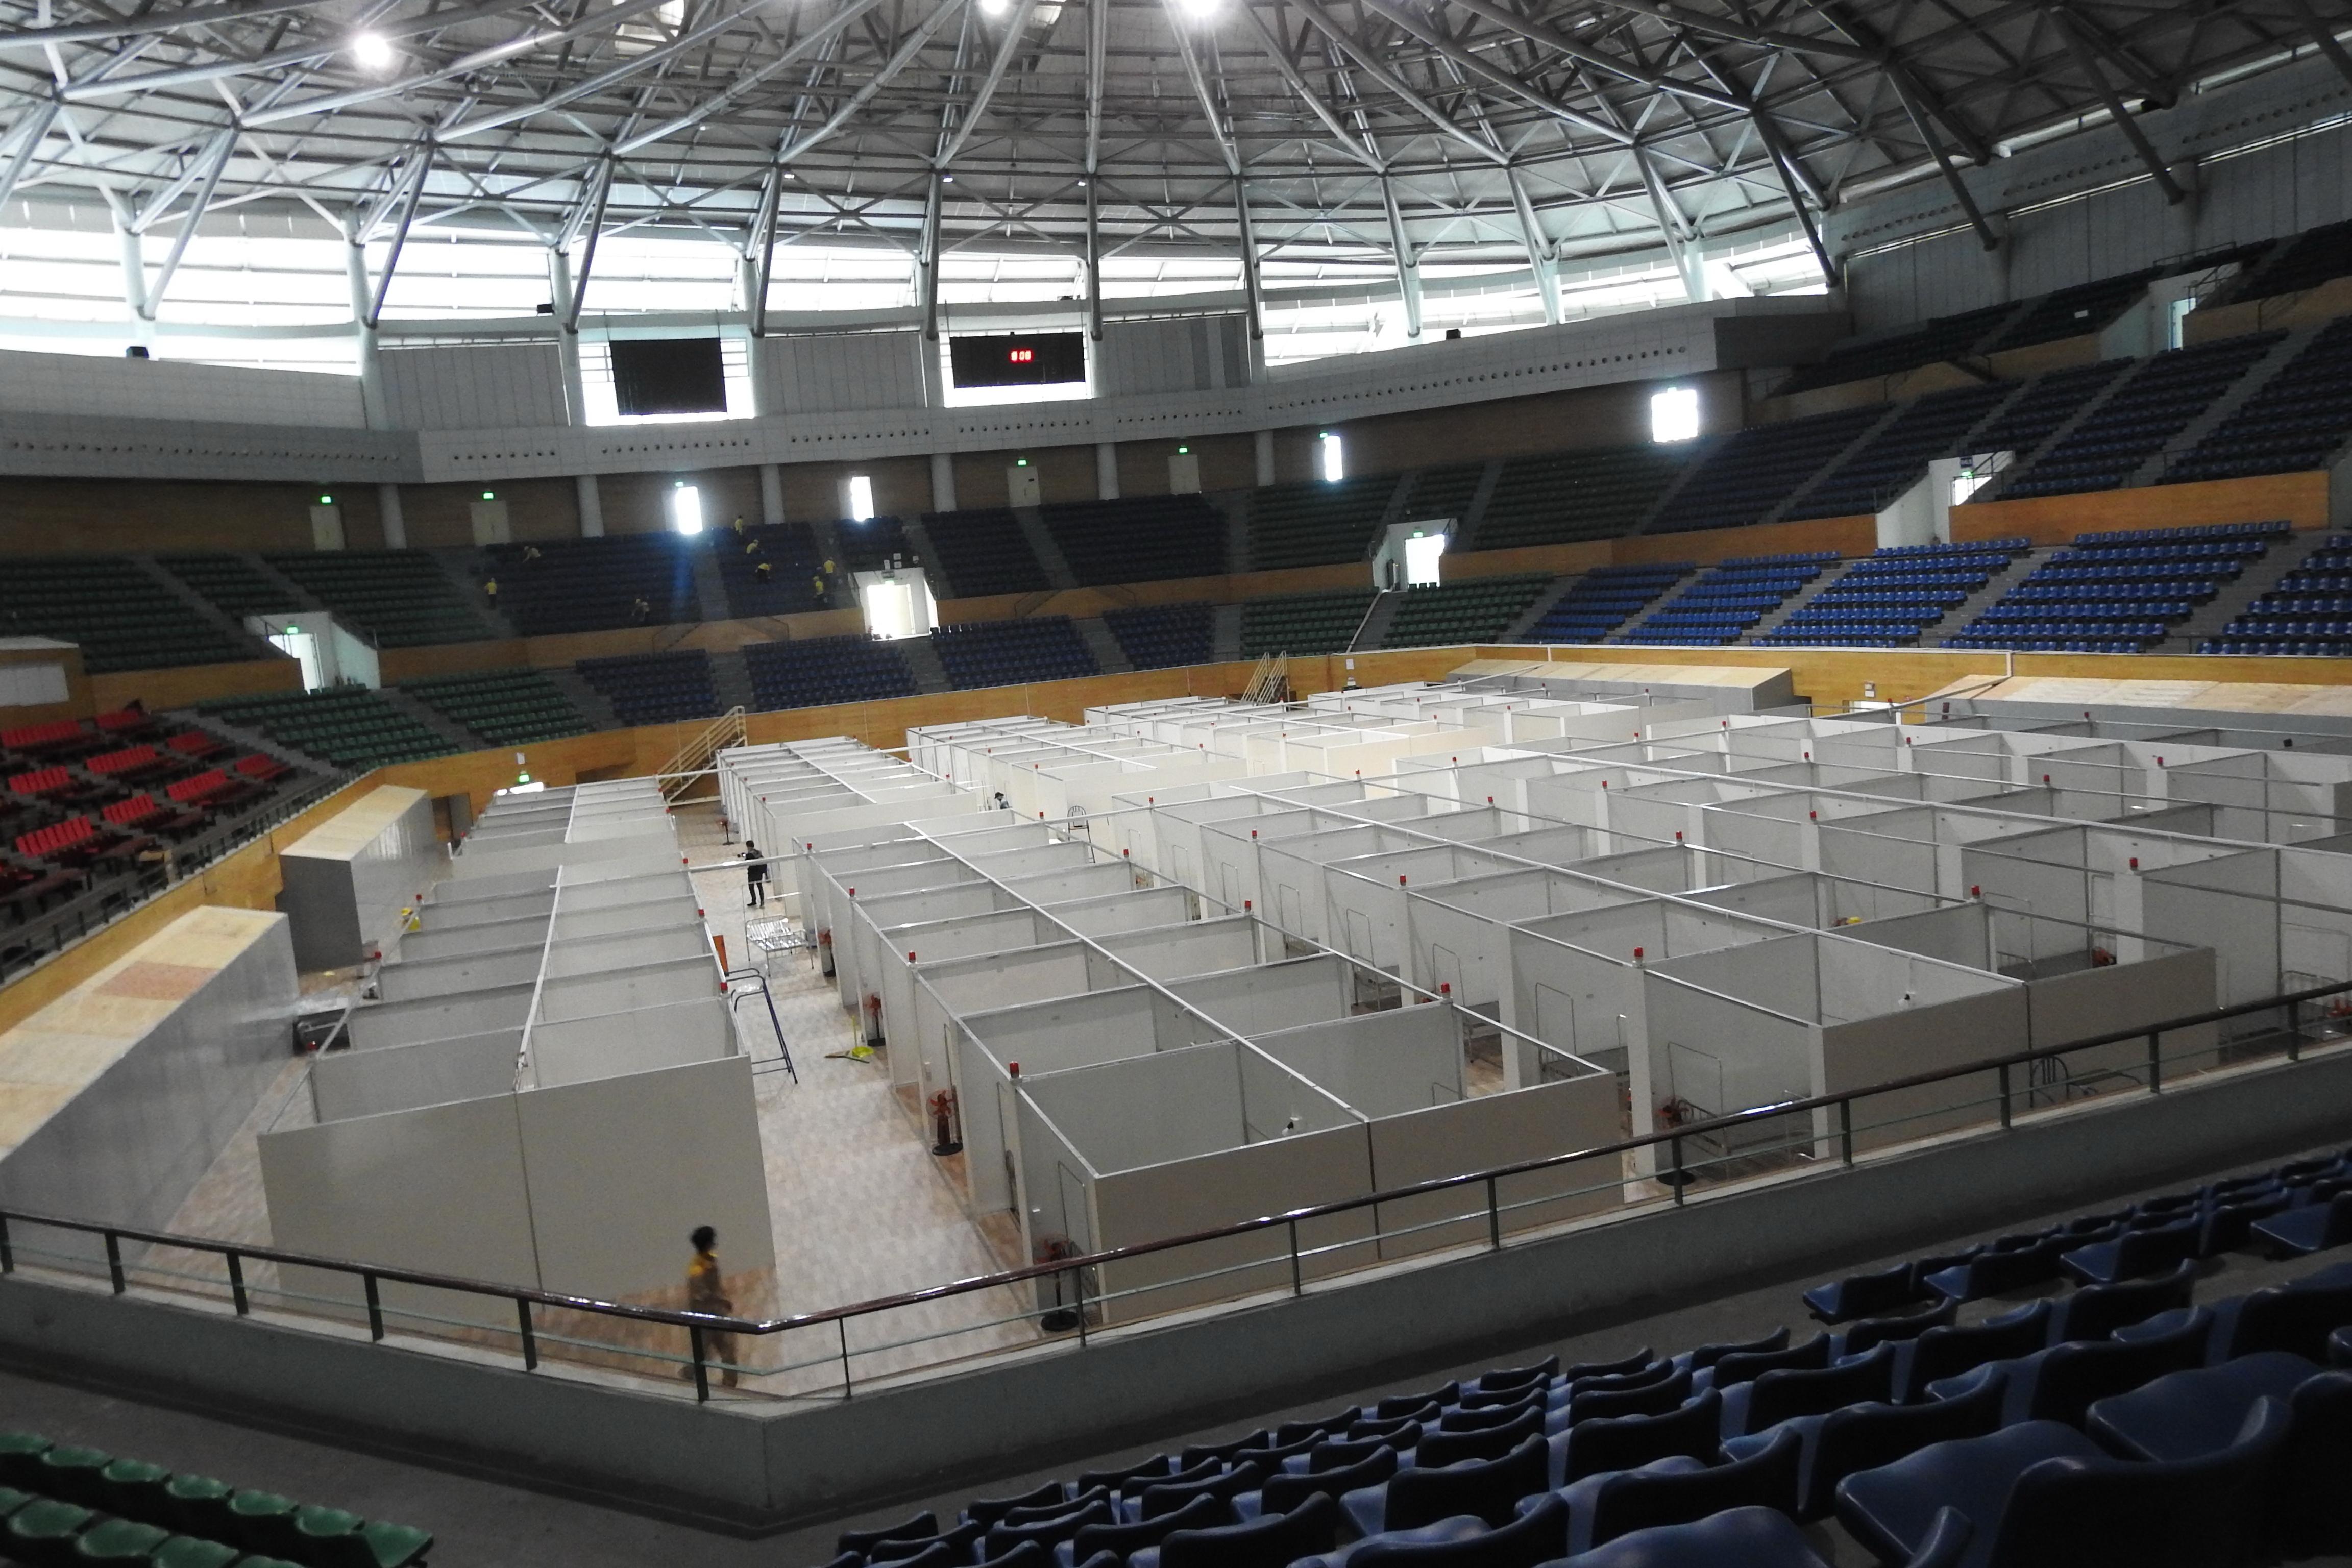 Diện tích sân thi đấu của Cung thể thao đã được lắp đặt kín các buồng bệnh (từ 1 đến 2 giường). Tổng cộng có khoảng 240 giường bệnh trong giai đoạn đầu. Ảnh Bình Nguyên.